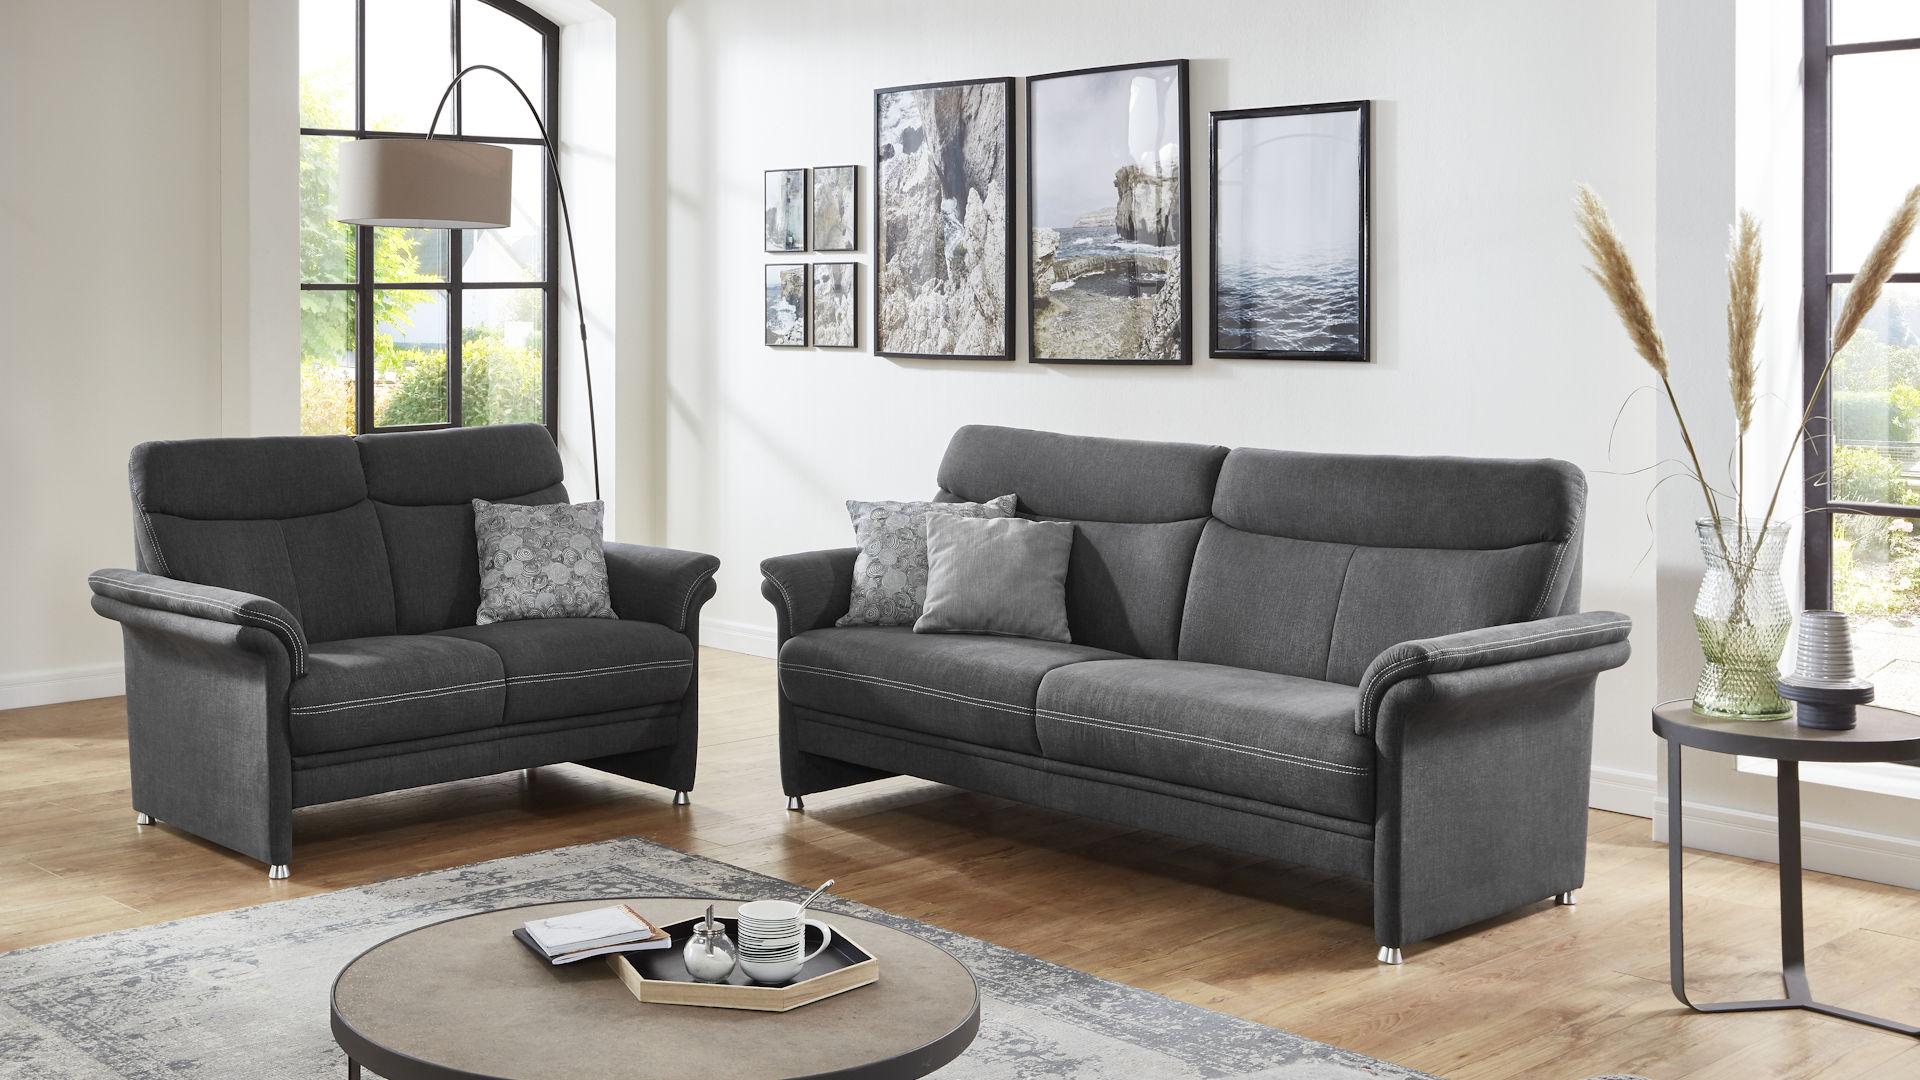 Möbel Bauer Kg Home